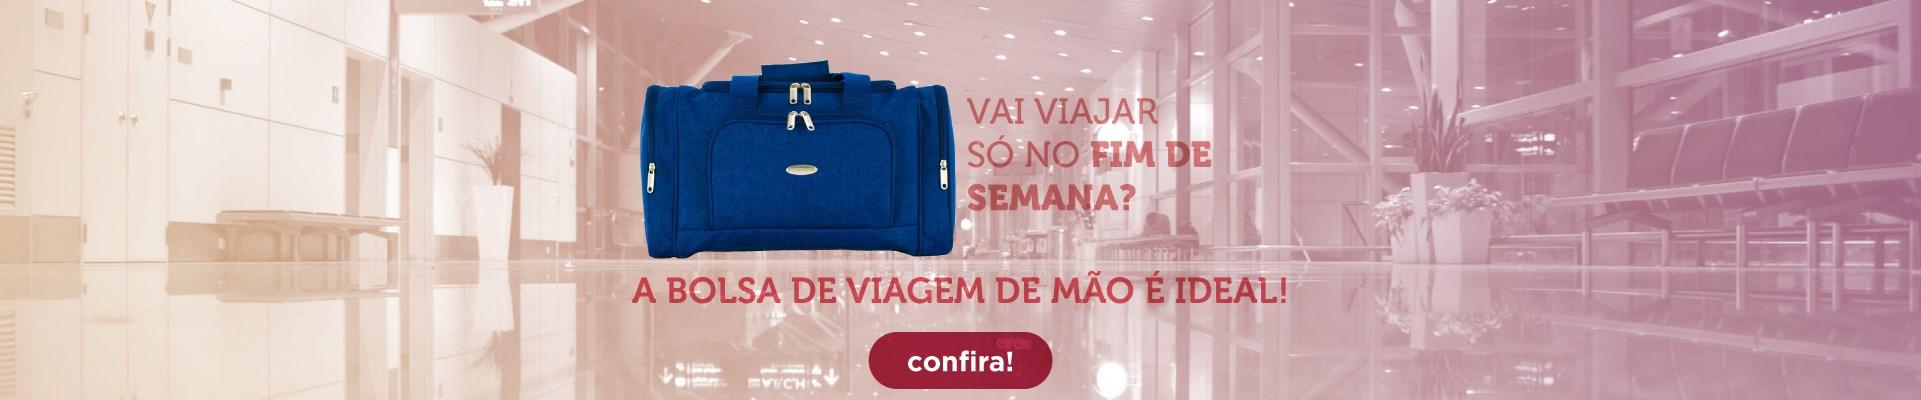 Viagem de fim de semana? Confira nossas malas de mão!